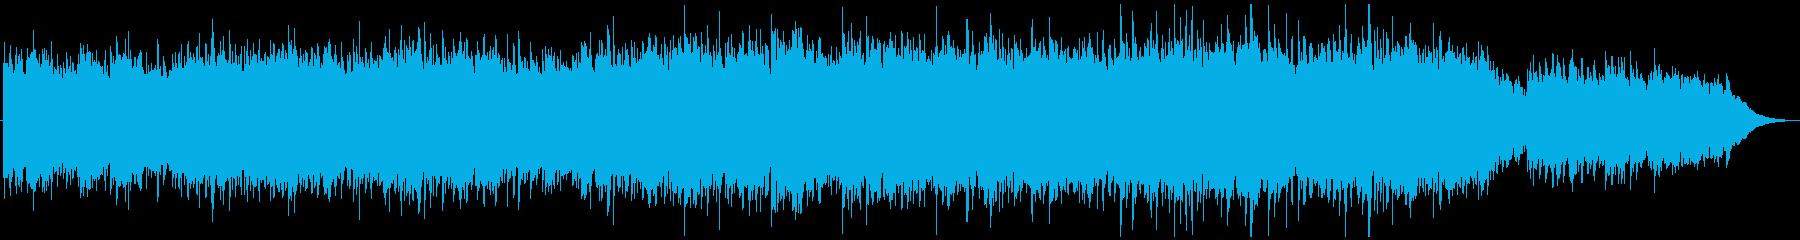 プレゼン ピアノソロ IT ハイテクの再生済みの波形